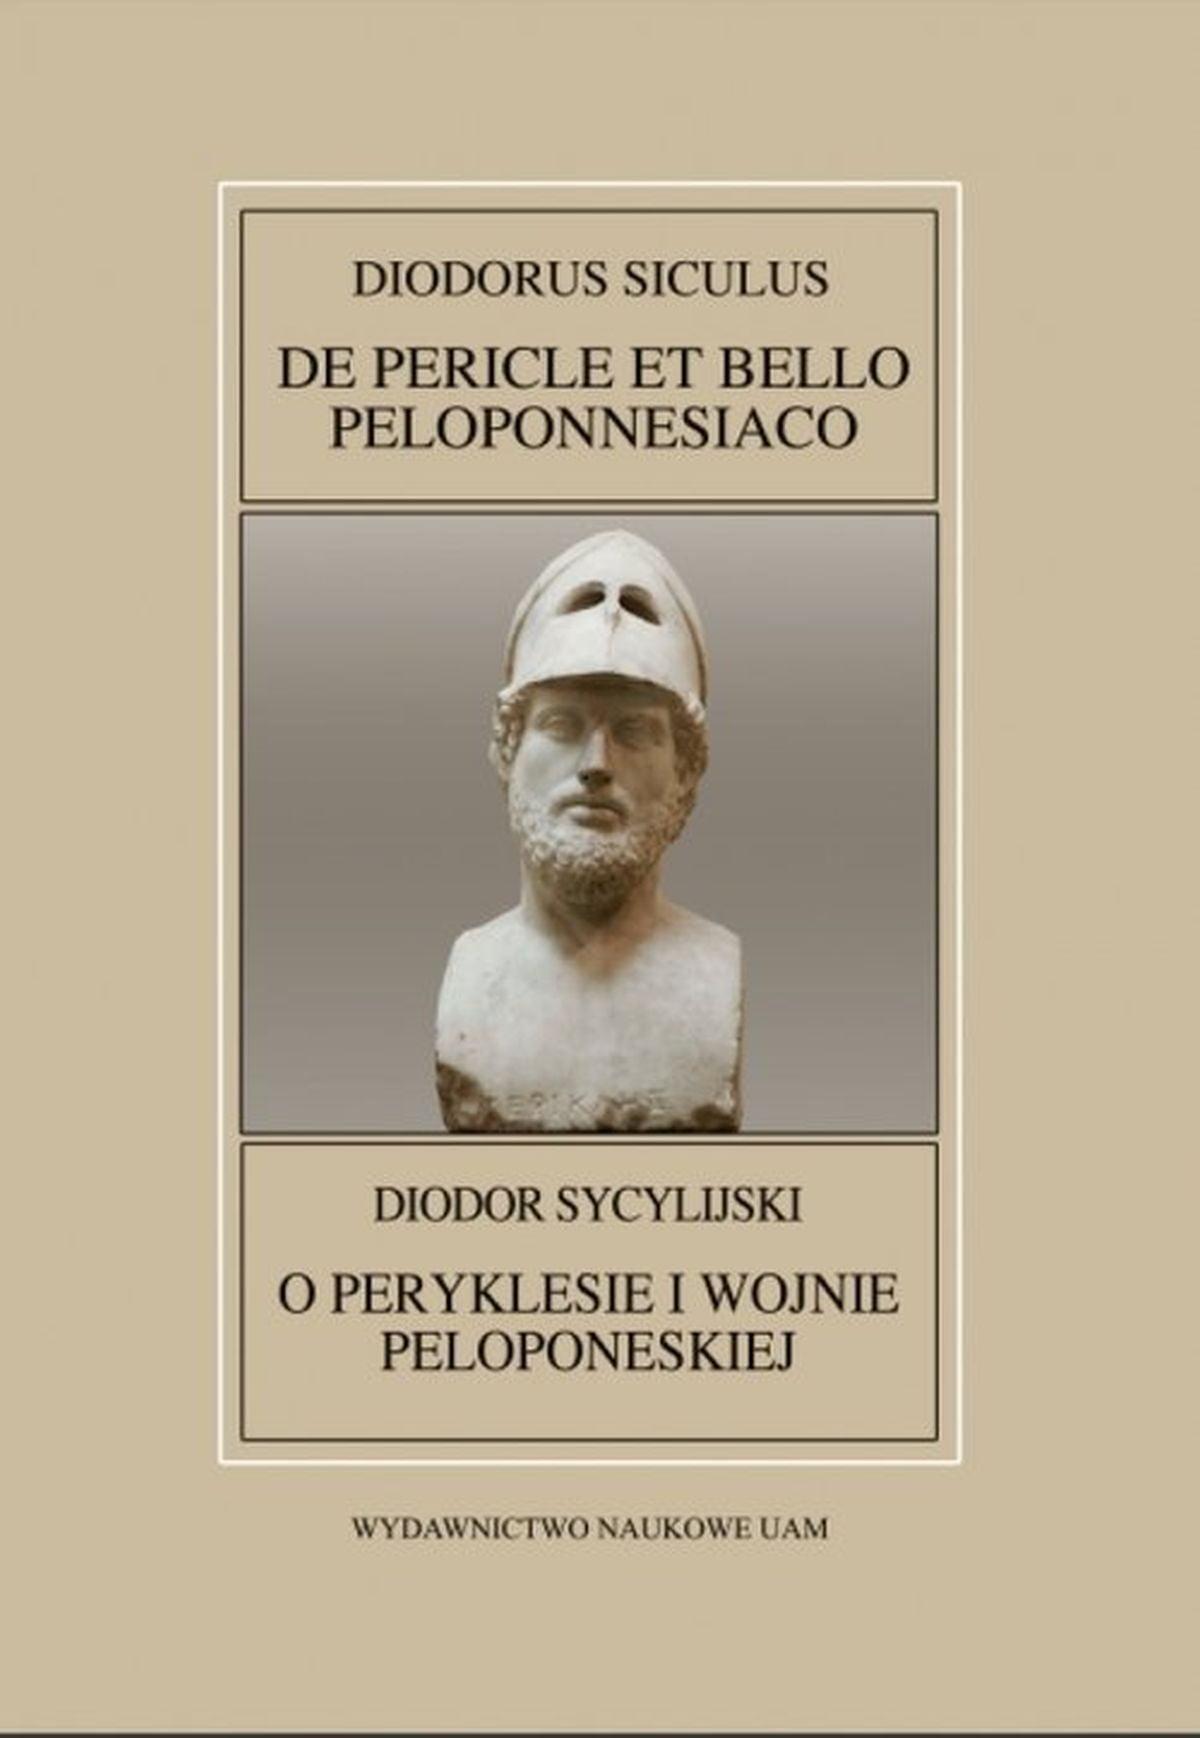 Fontes Historiae Antiquae XLI: Diodorus Siculus, De Pericle et bello Peloponnesiaco  Diodor Sycylijski